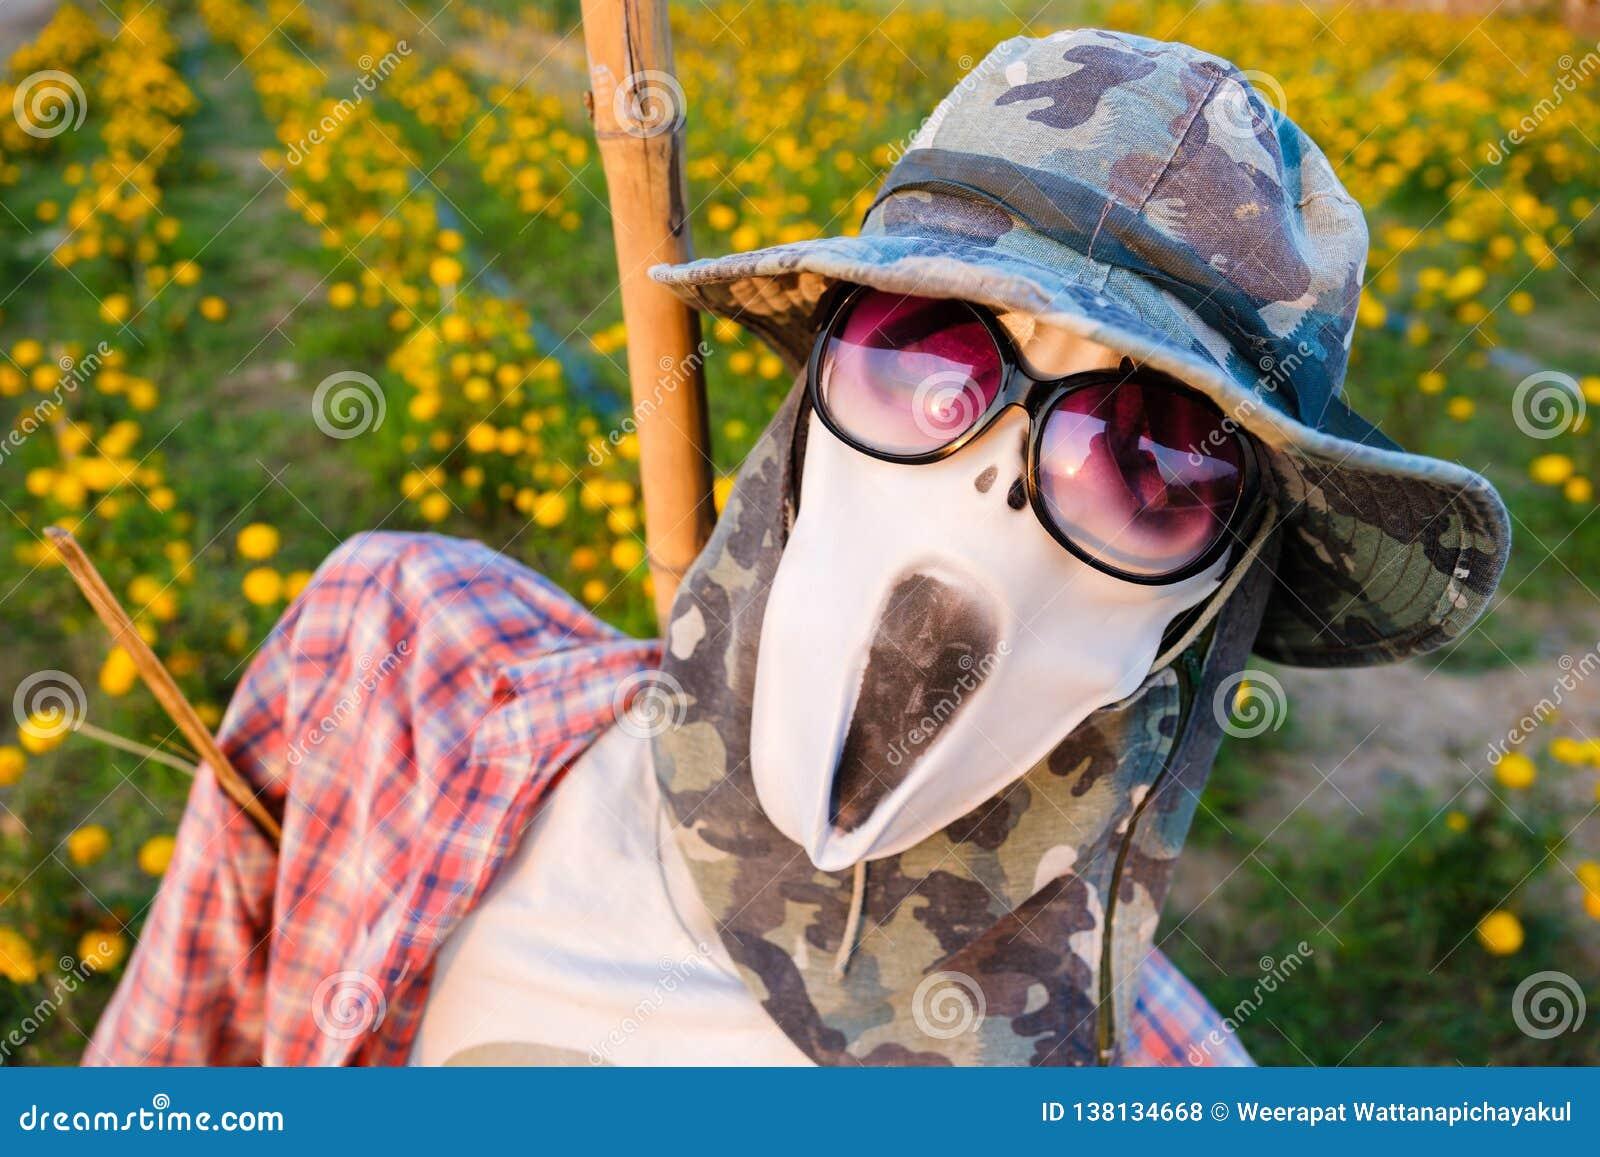 Straszny strach na wróble w ogródzie